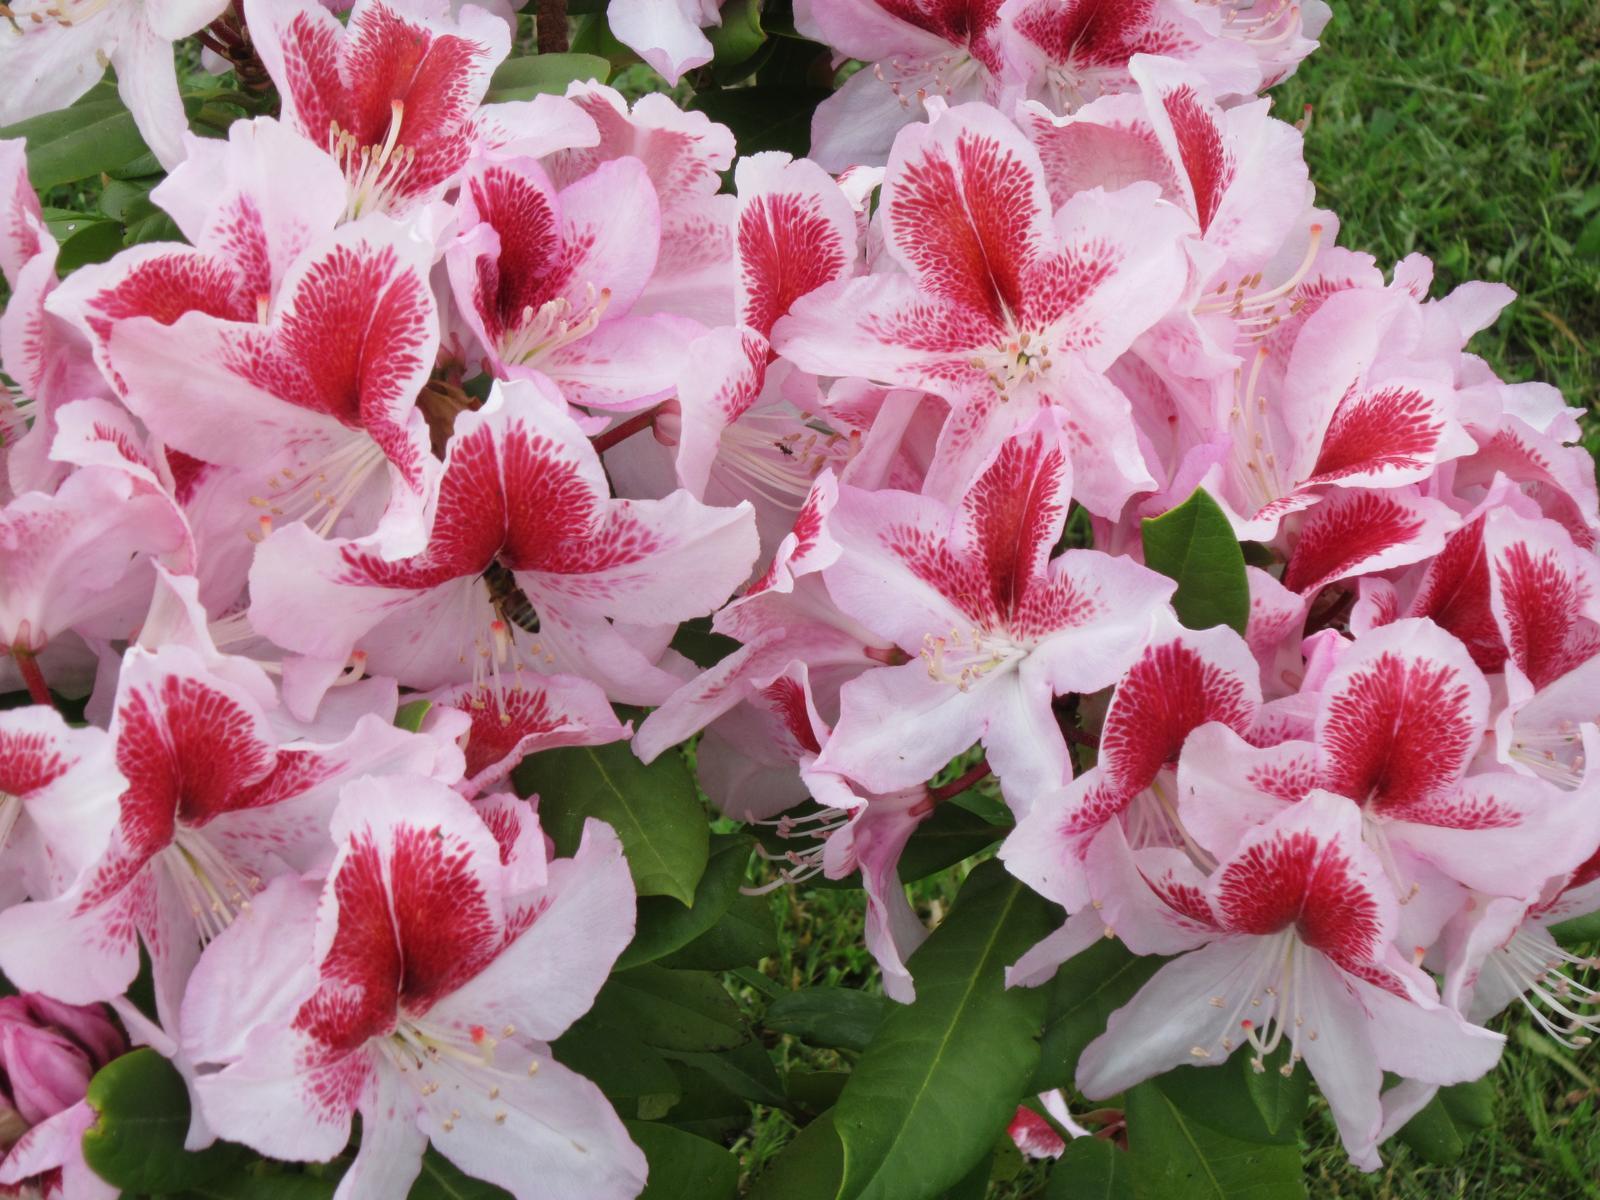 Moja záhrada...ako šiel čas - Rododendron má takúto krásnu farbu...